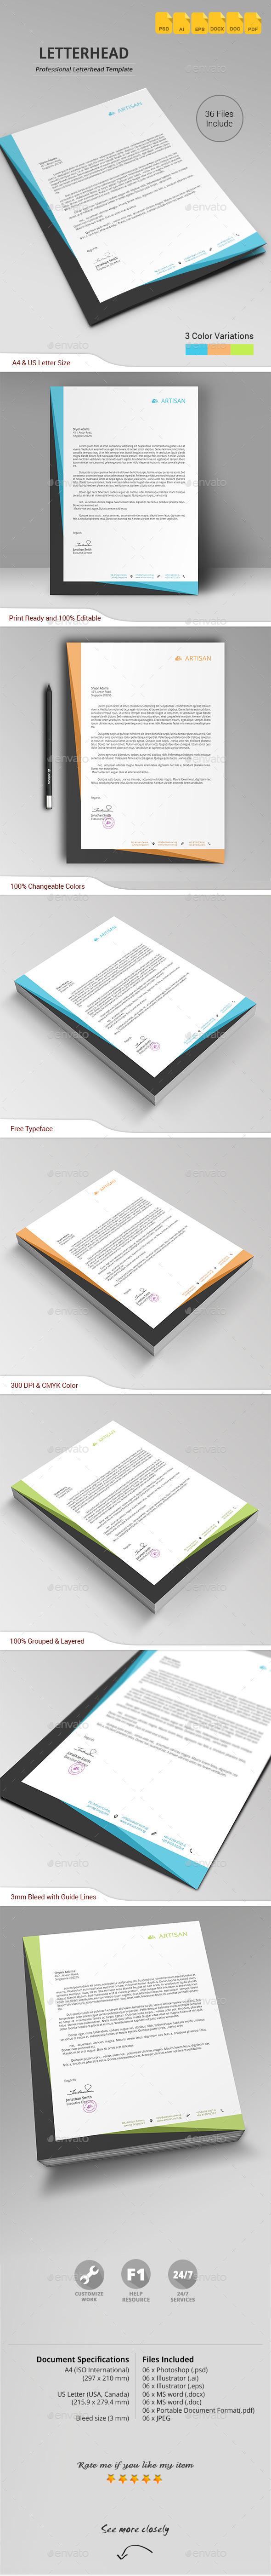 GraphicRiver Letterhead 10730872